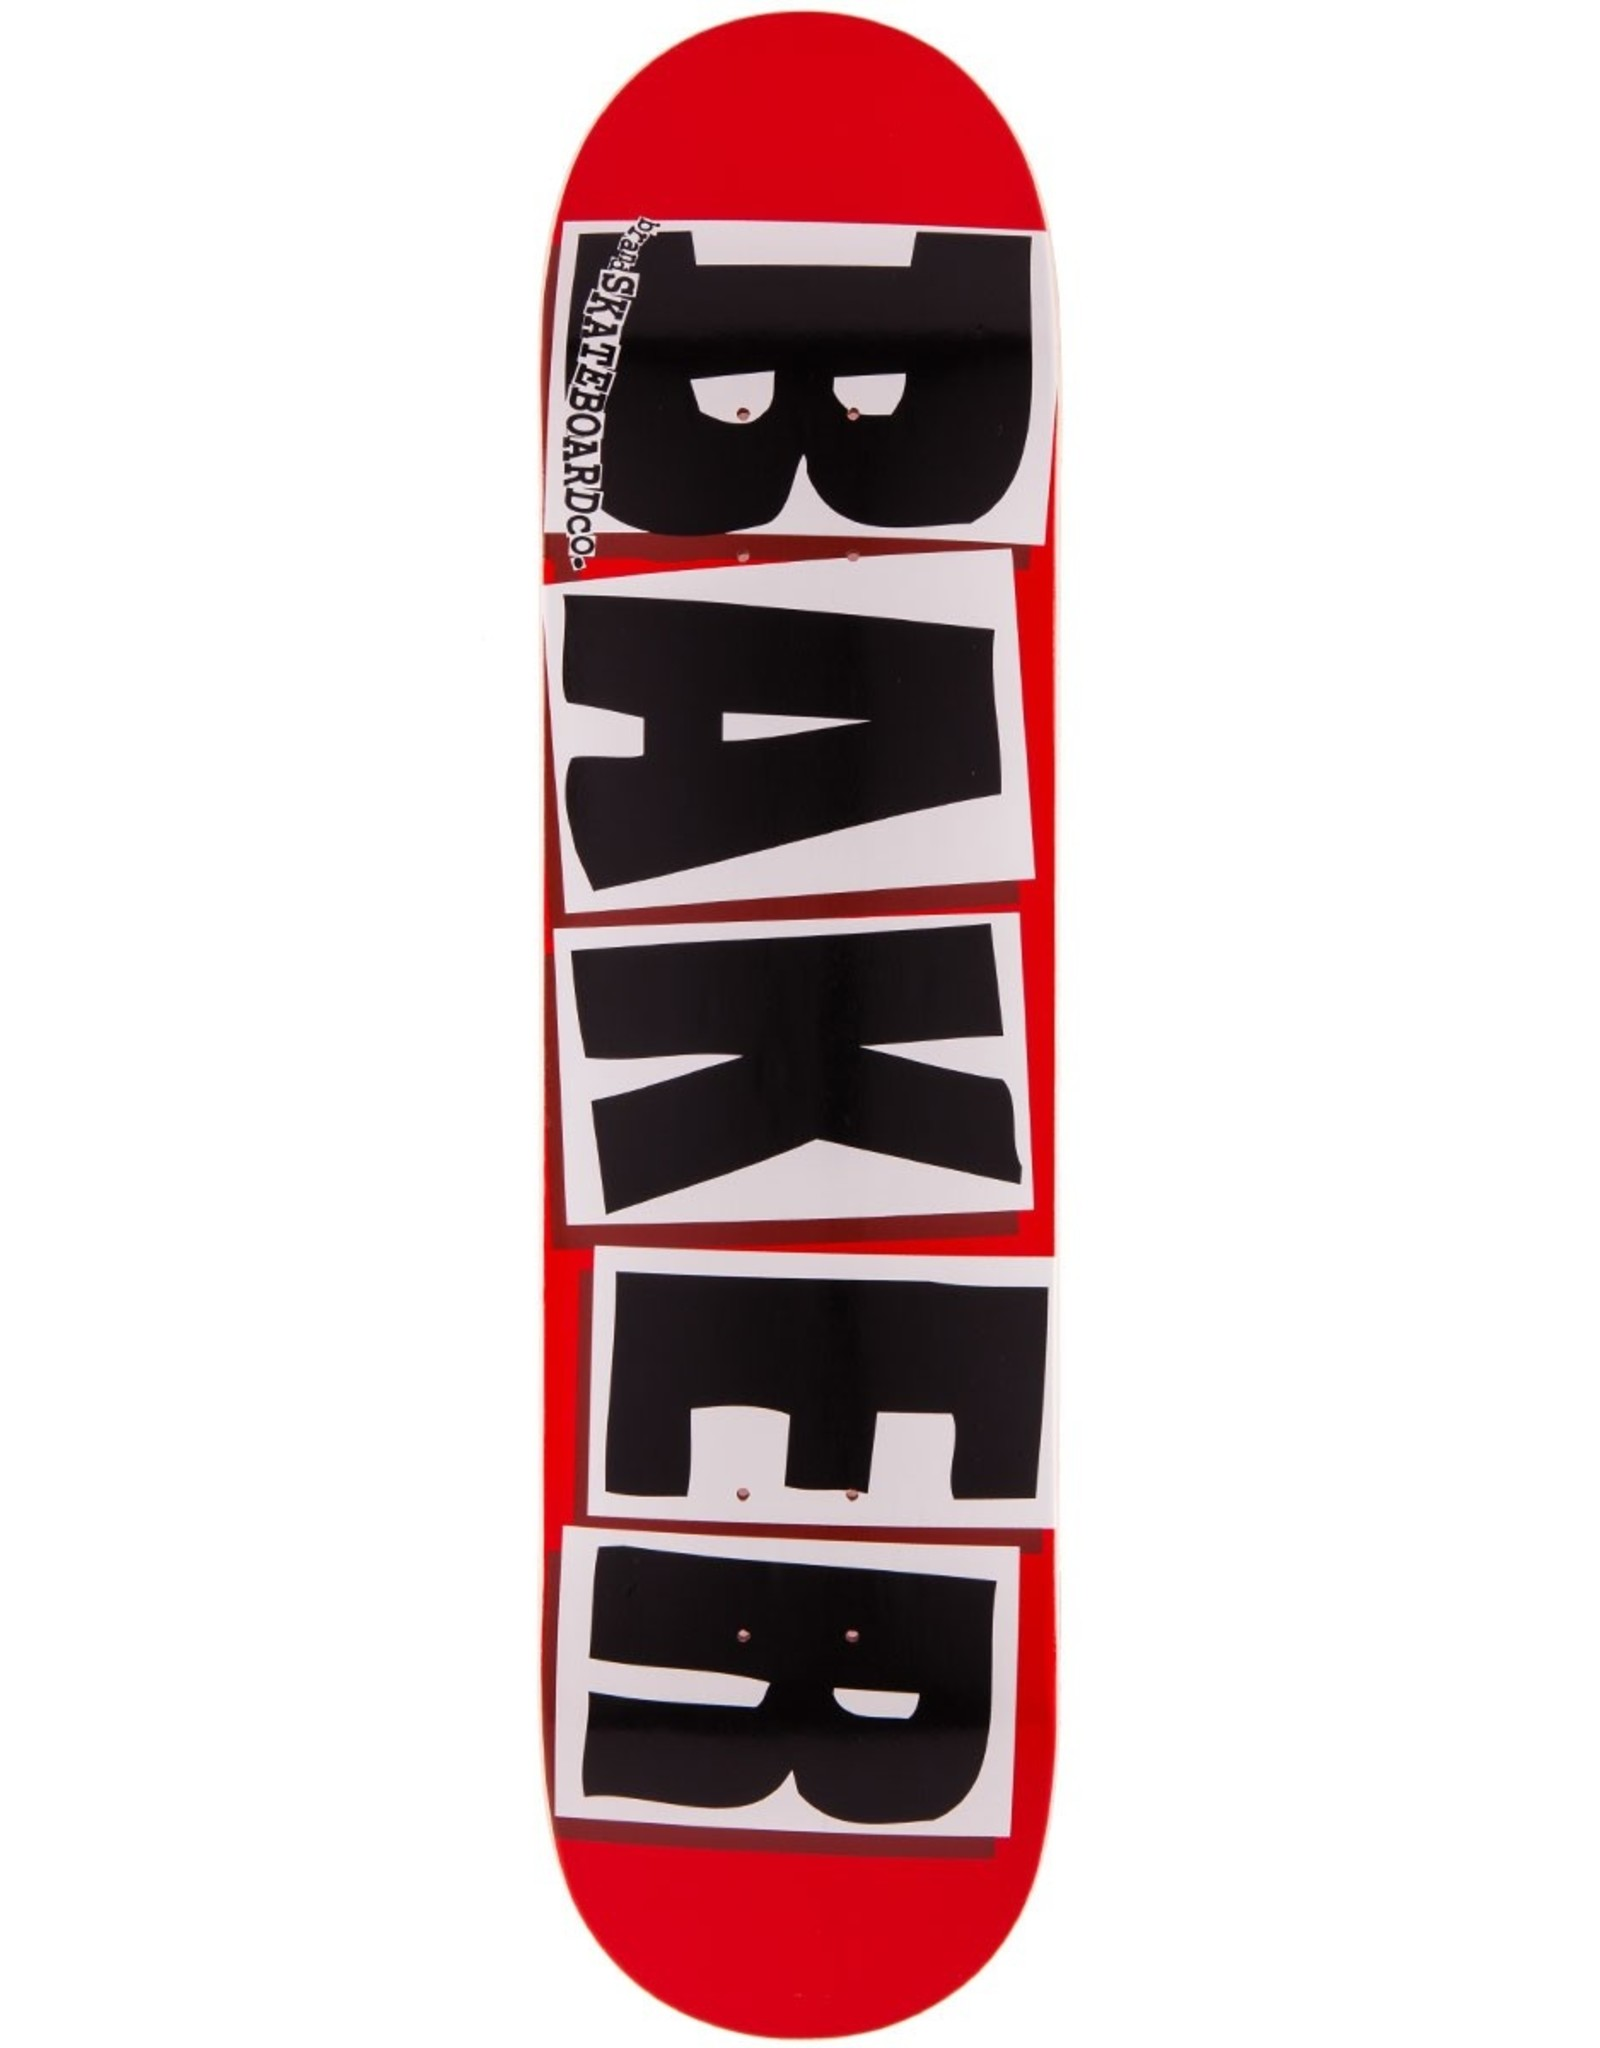 BAKER BAKER - BRAND LOGO - 8.3875